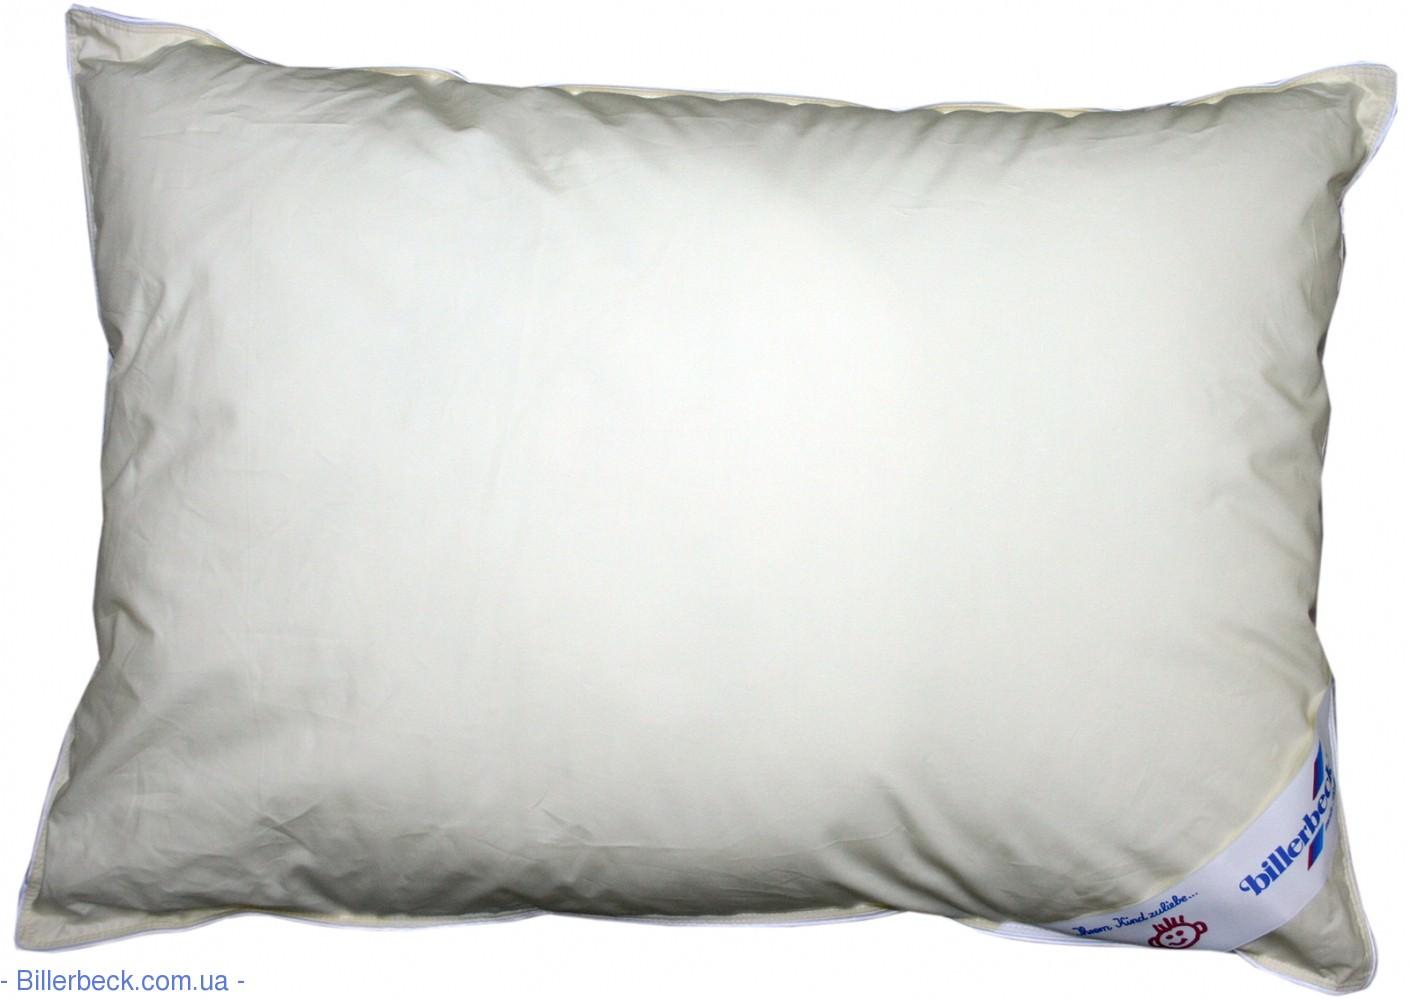 Подушка Элина (детская) Биллербек - 1